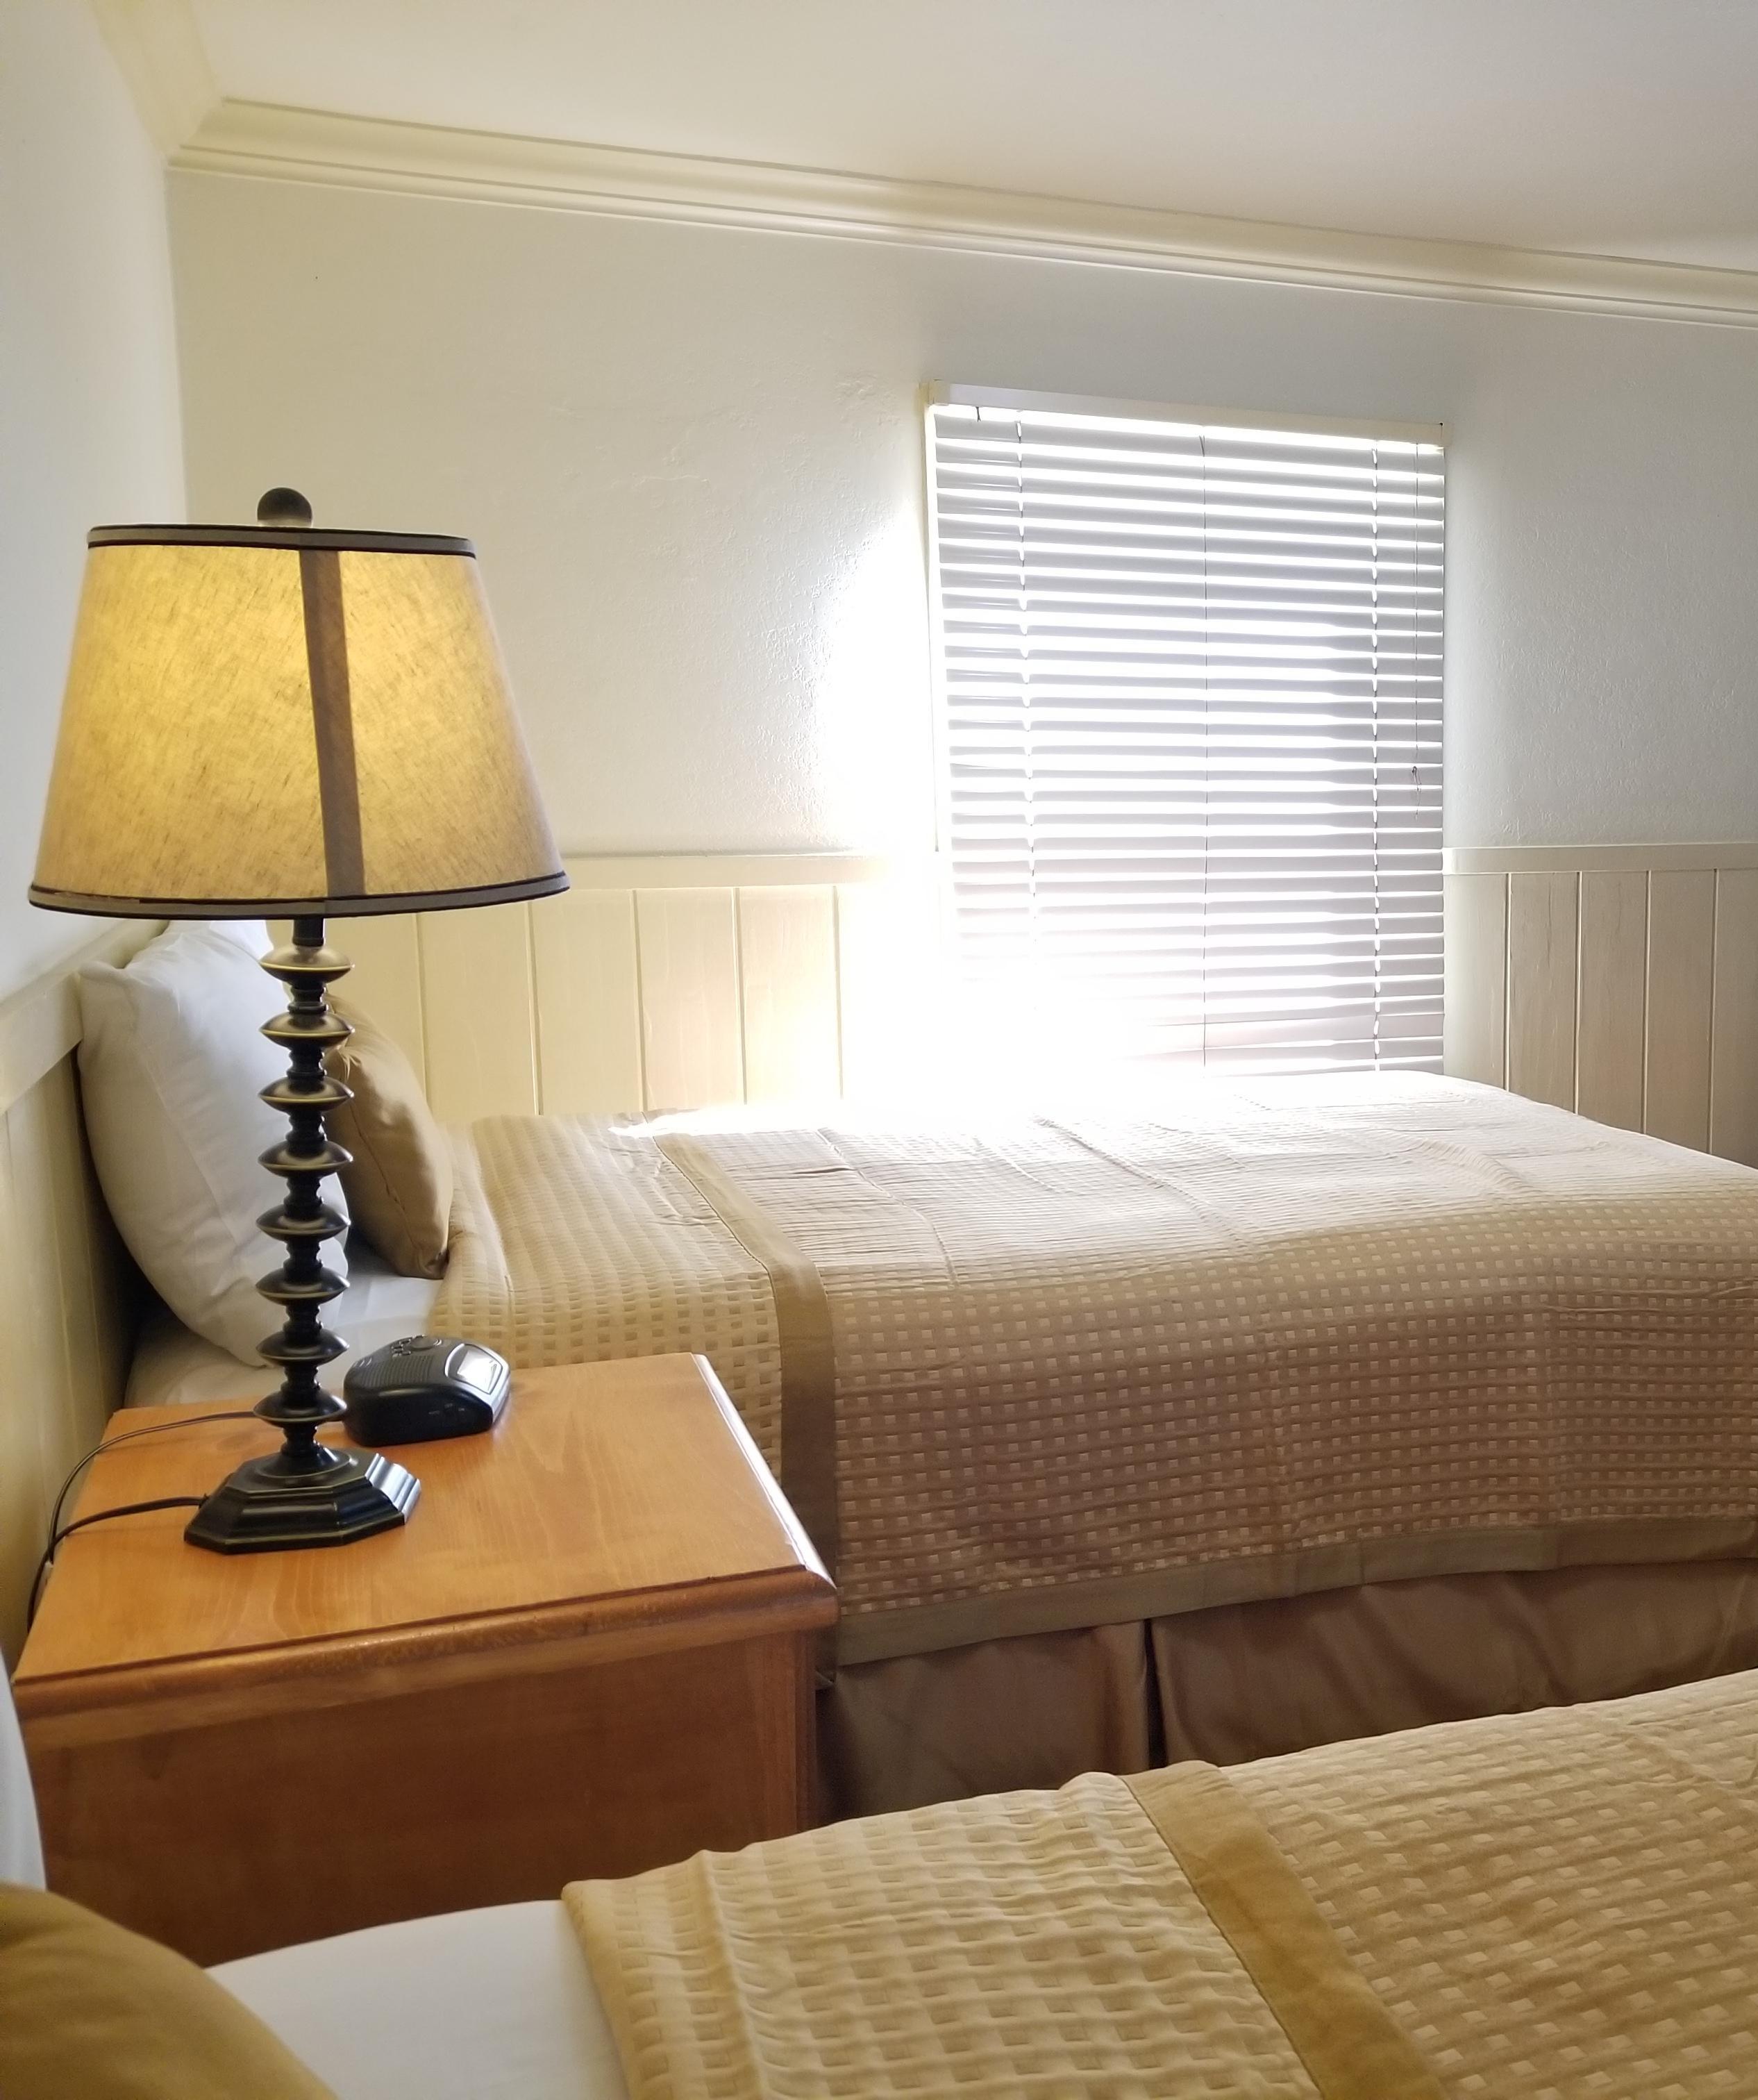 Room No. 160